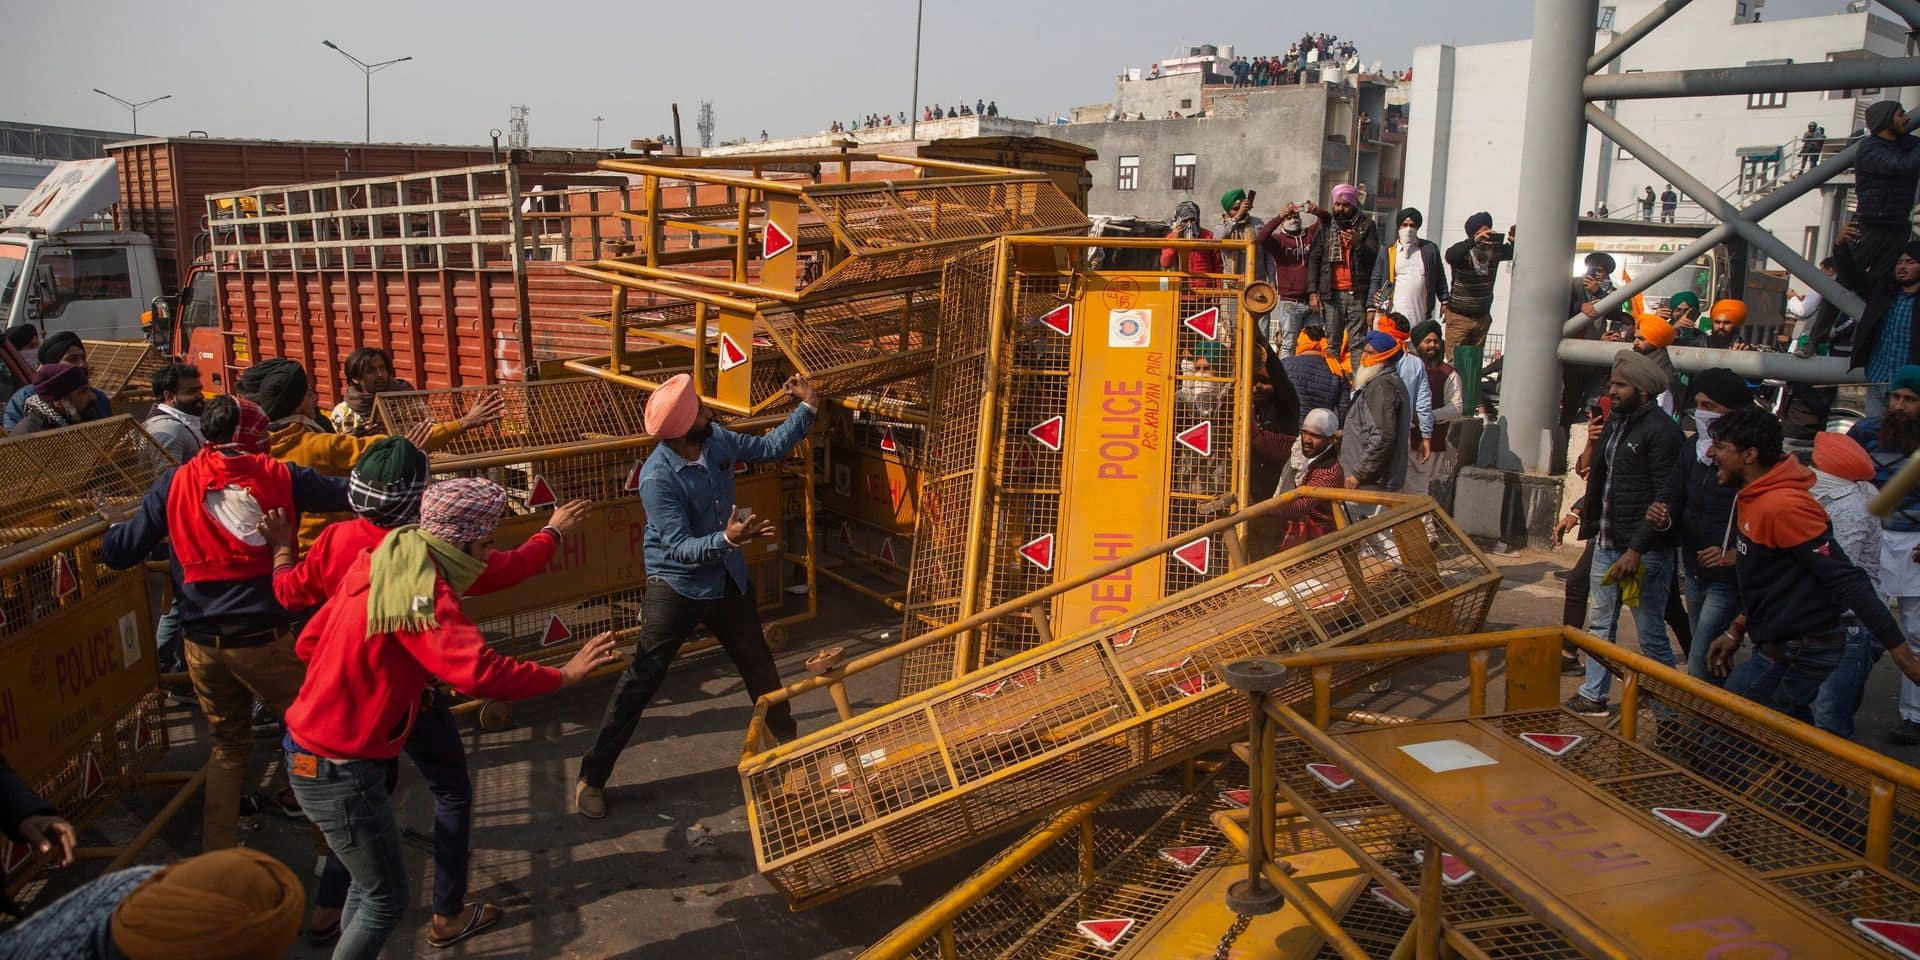 Sécurité renforcée à Delhi après la révolte de milliers d'agriculteurs indiens